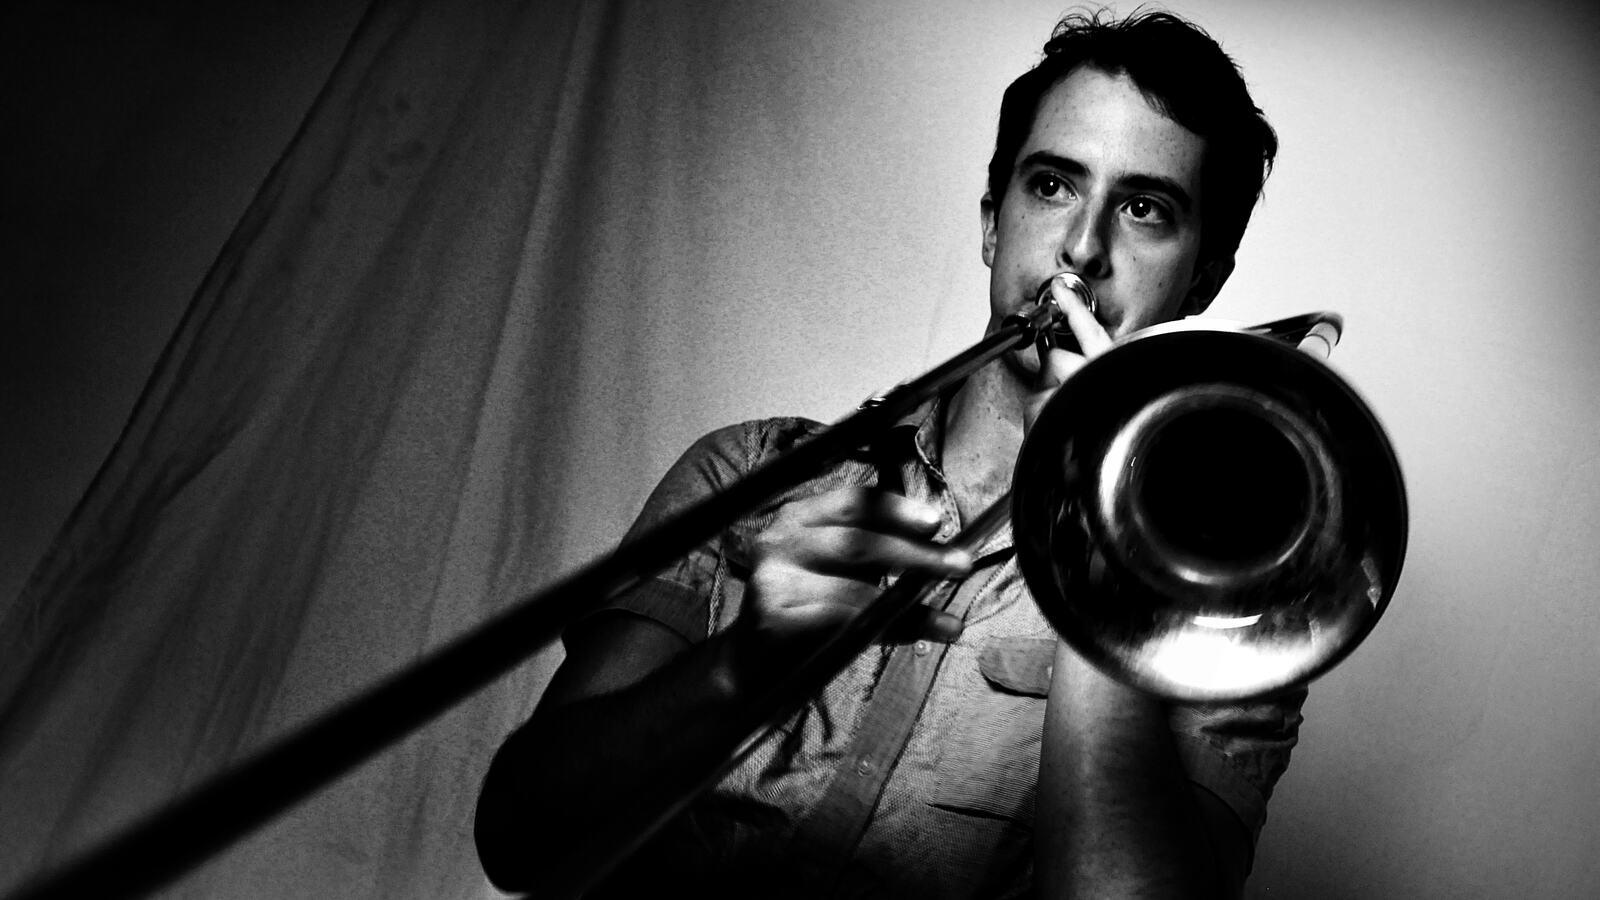 Tom Green, trombonist